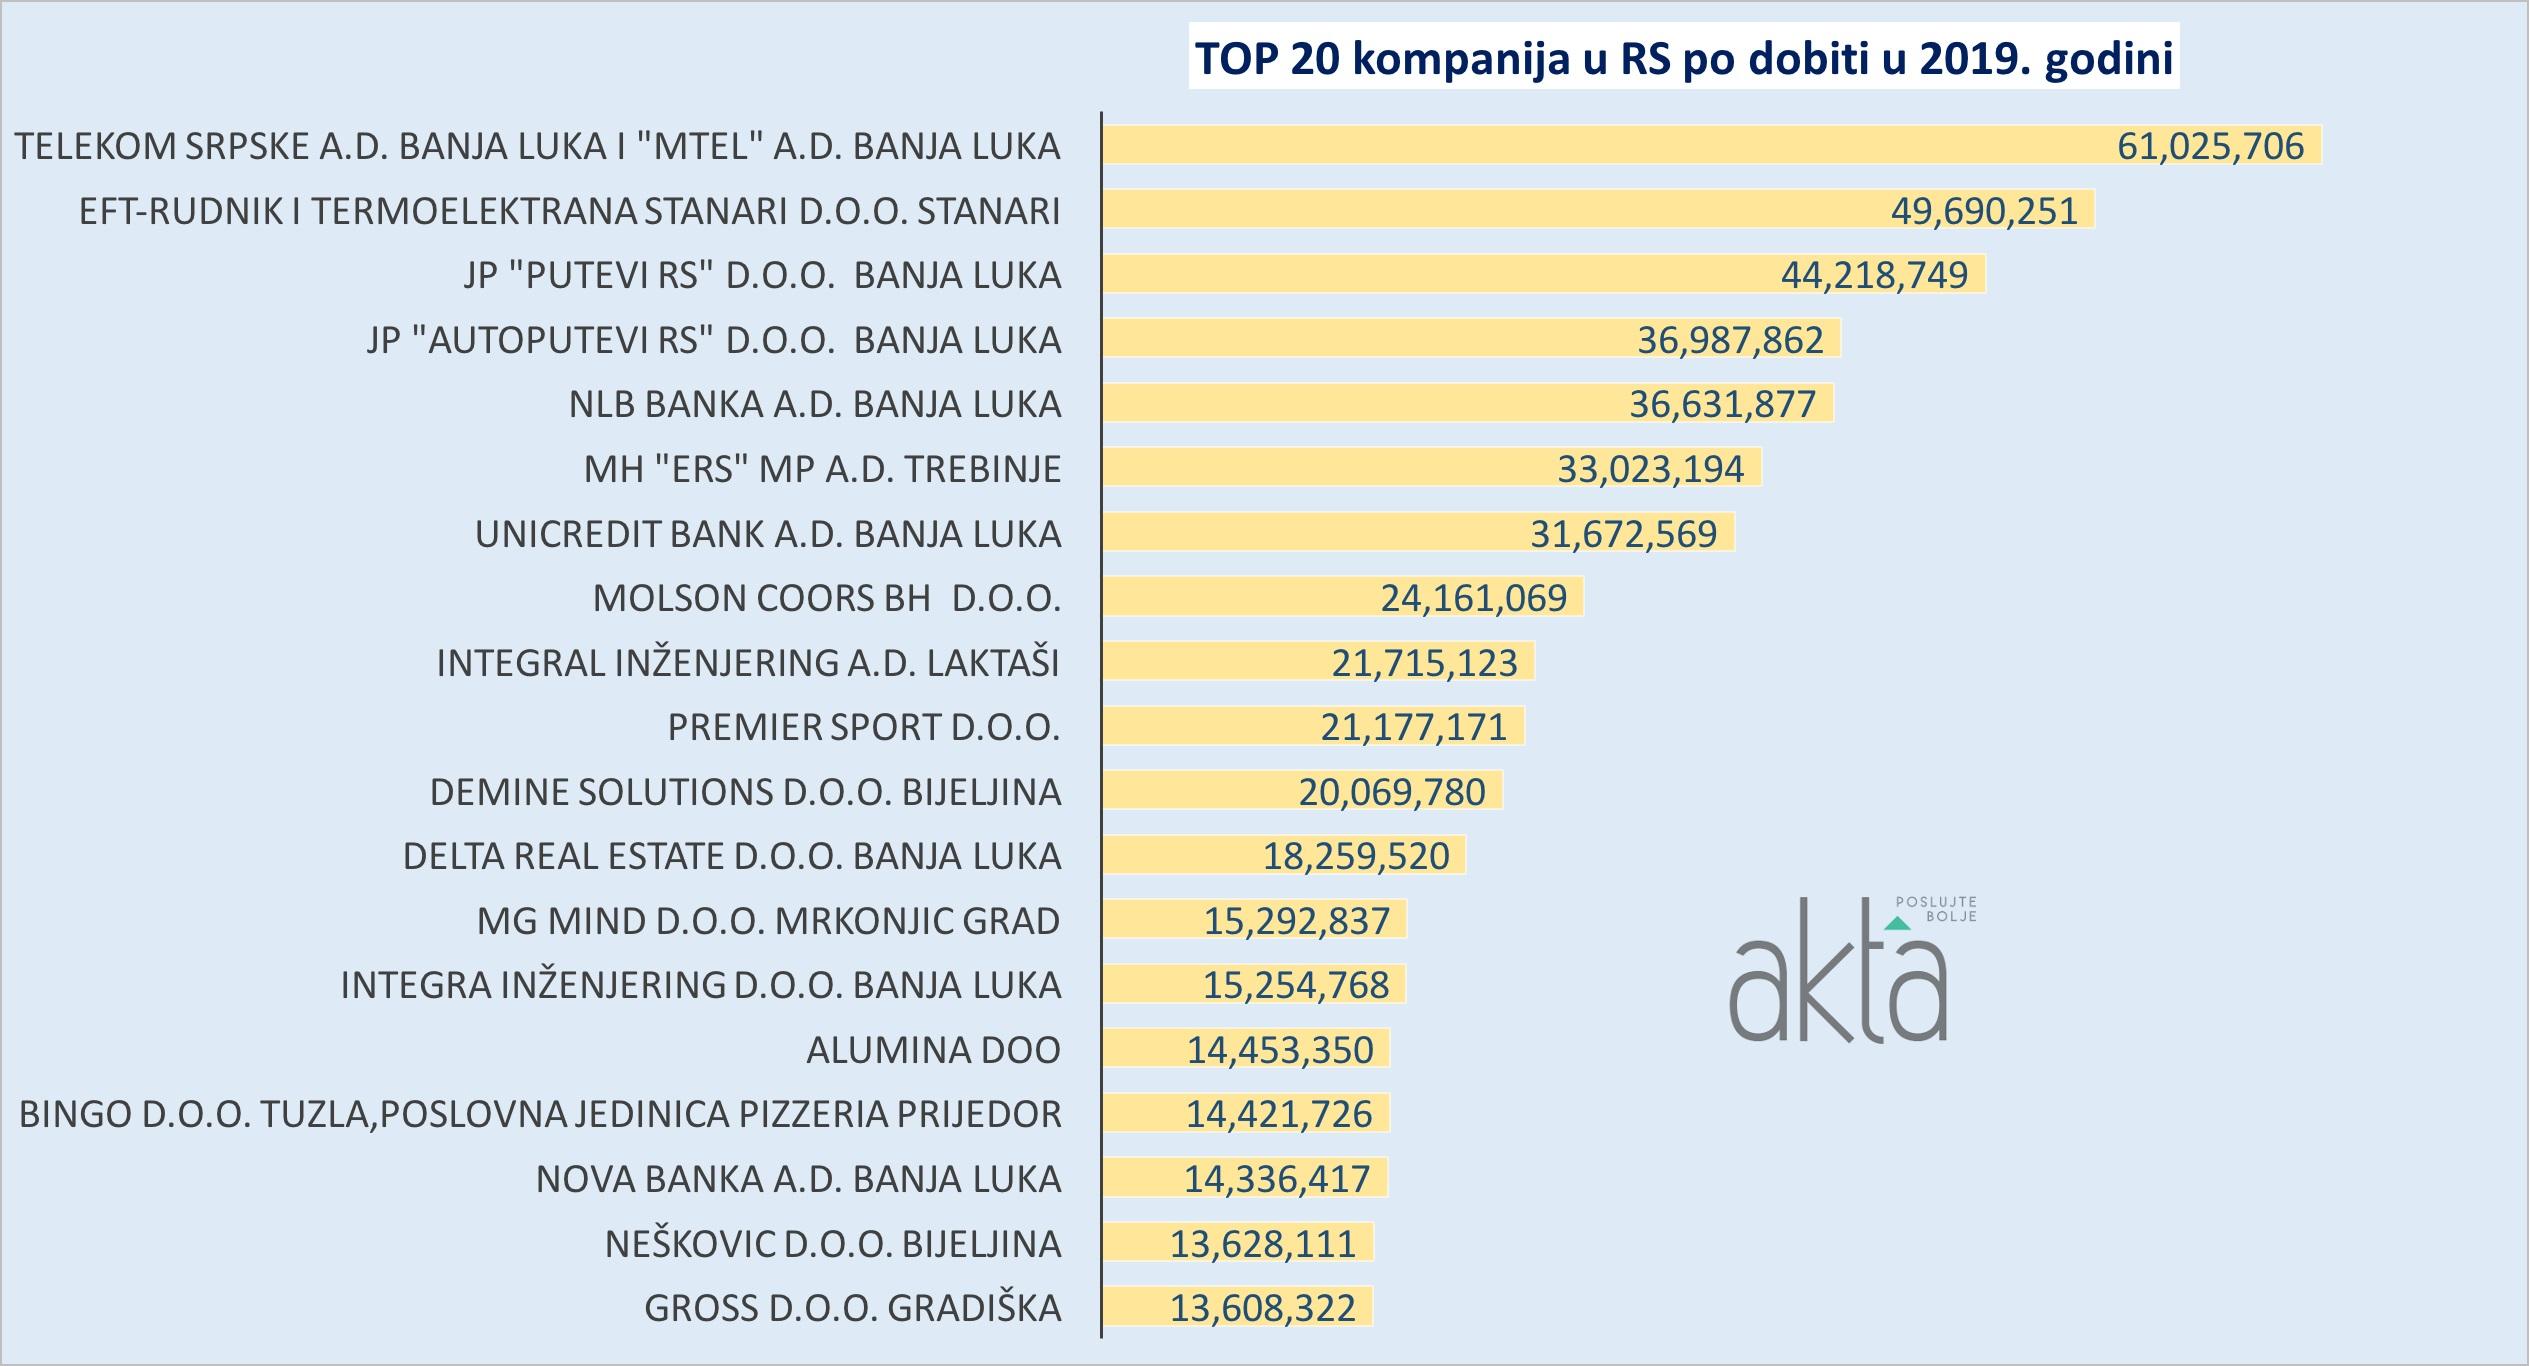 TOP 20 kompanija u RS po prihodu i dobiti u 2019. godini